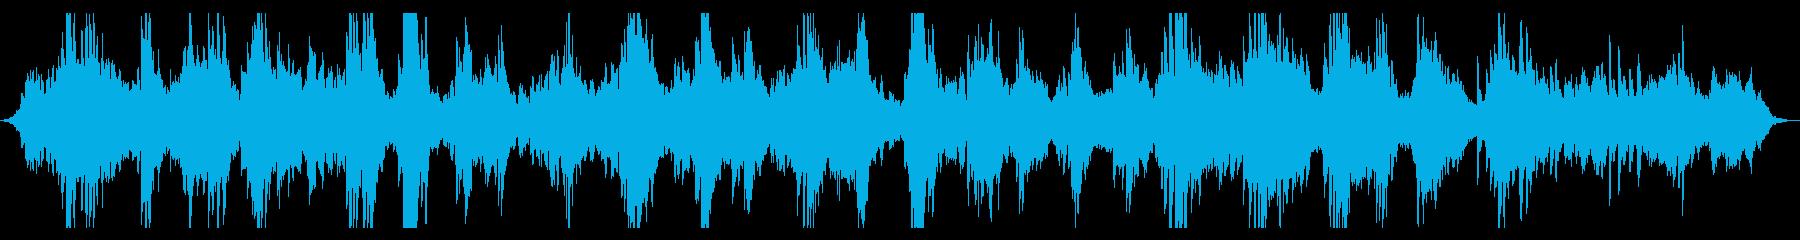 静謐・神秘的 ピアノのヒーリングBGMの再生済みの波形